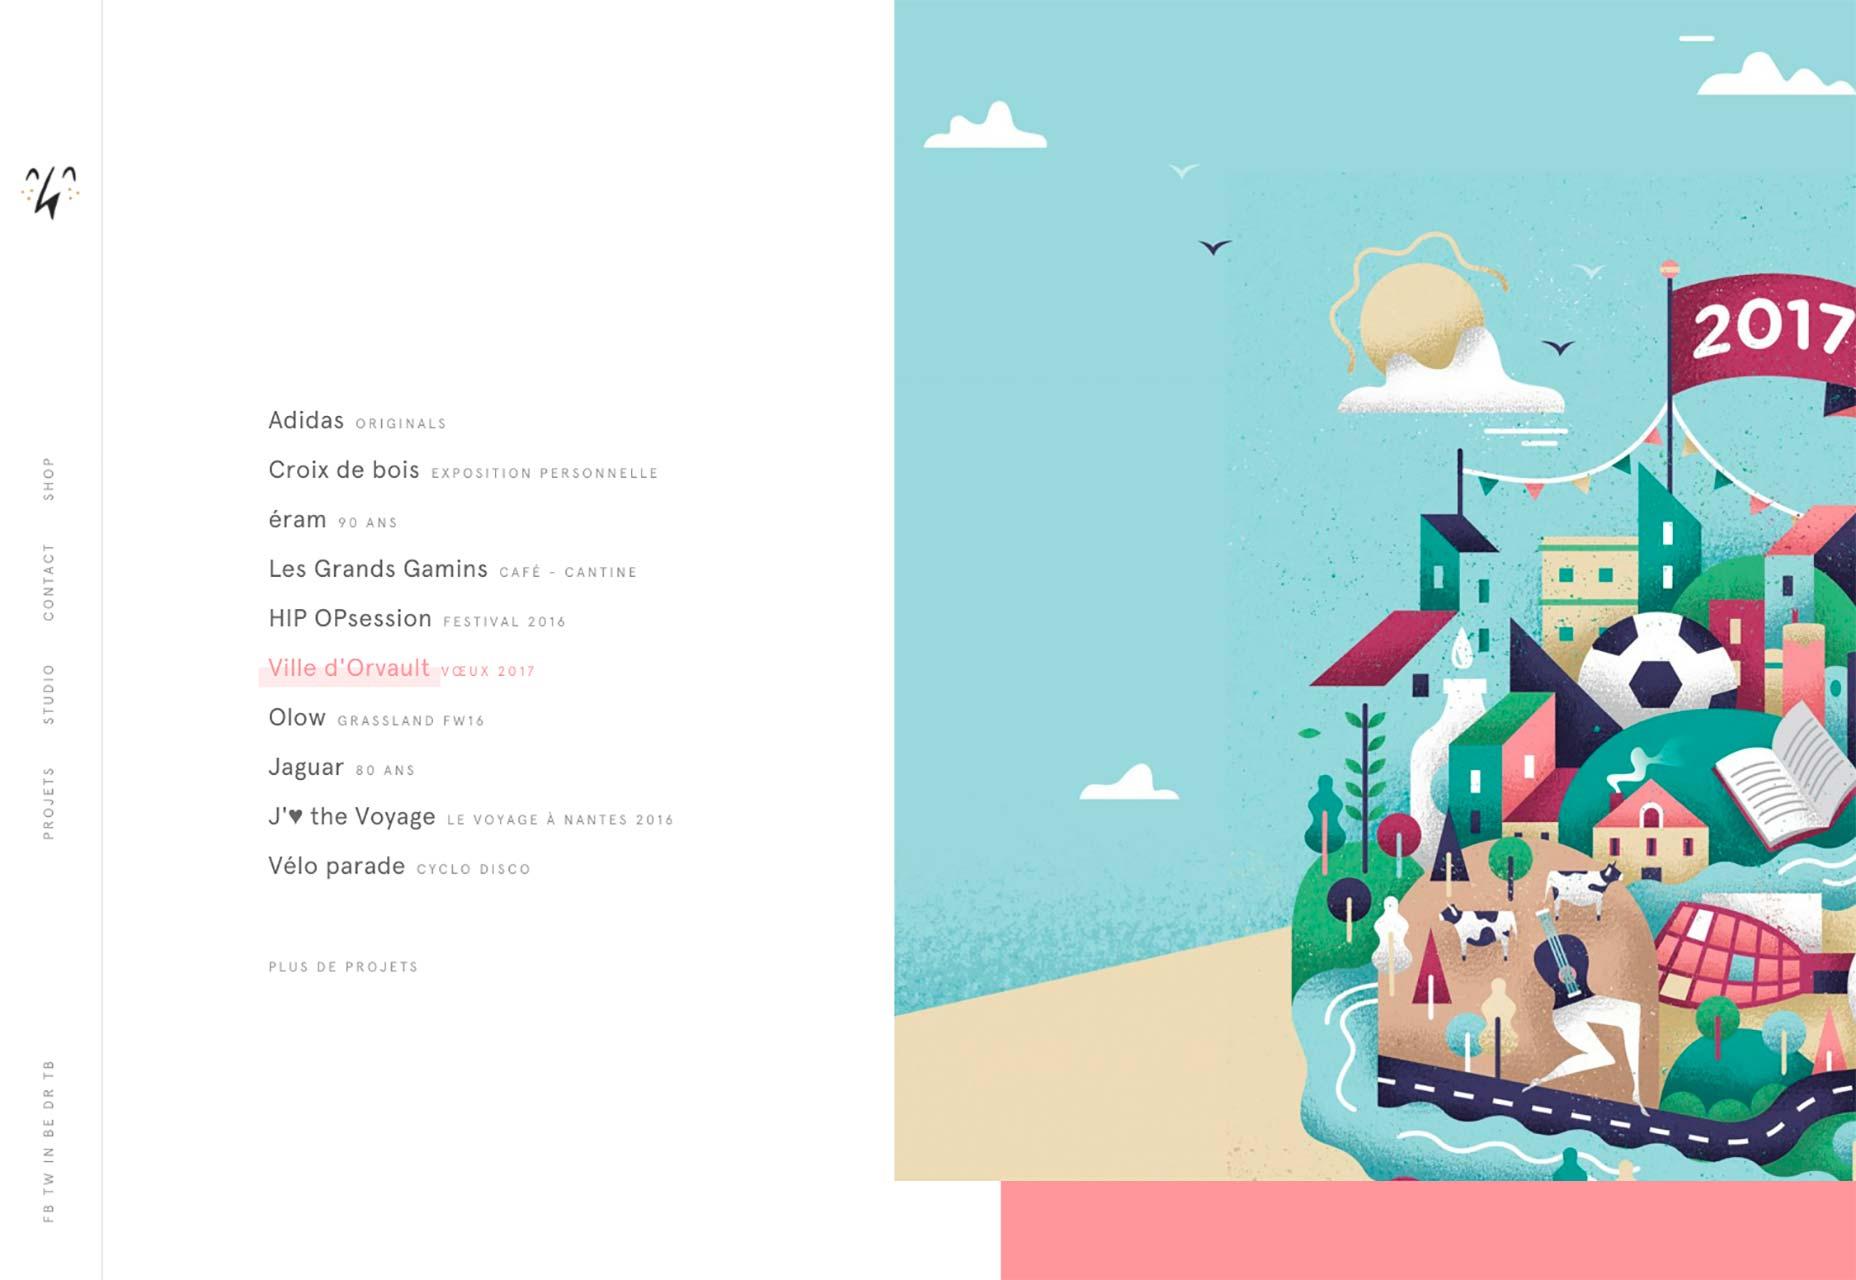 19 великолепных сайтов-портфолио, июль 2017